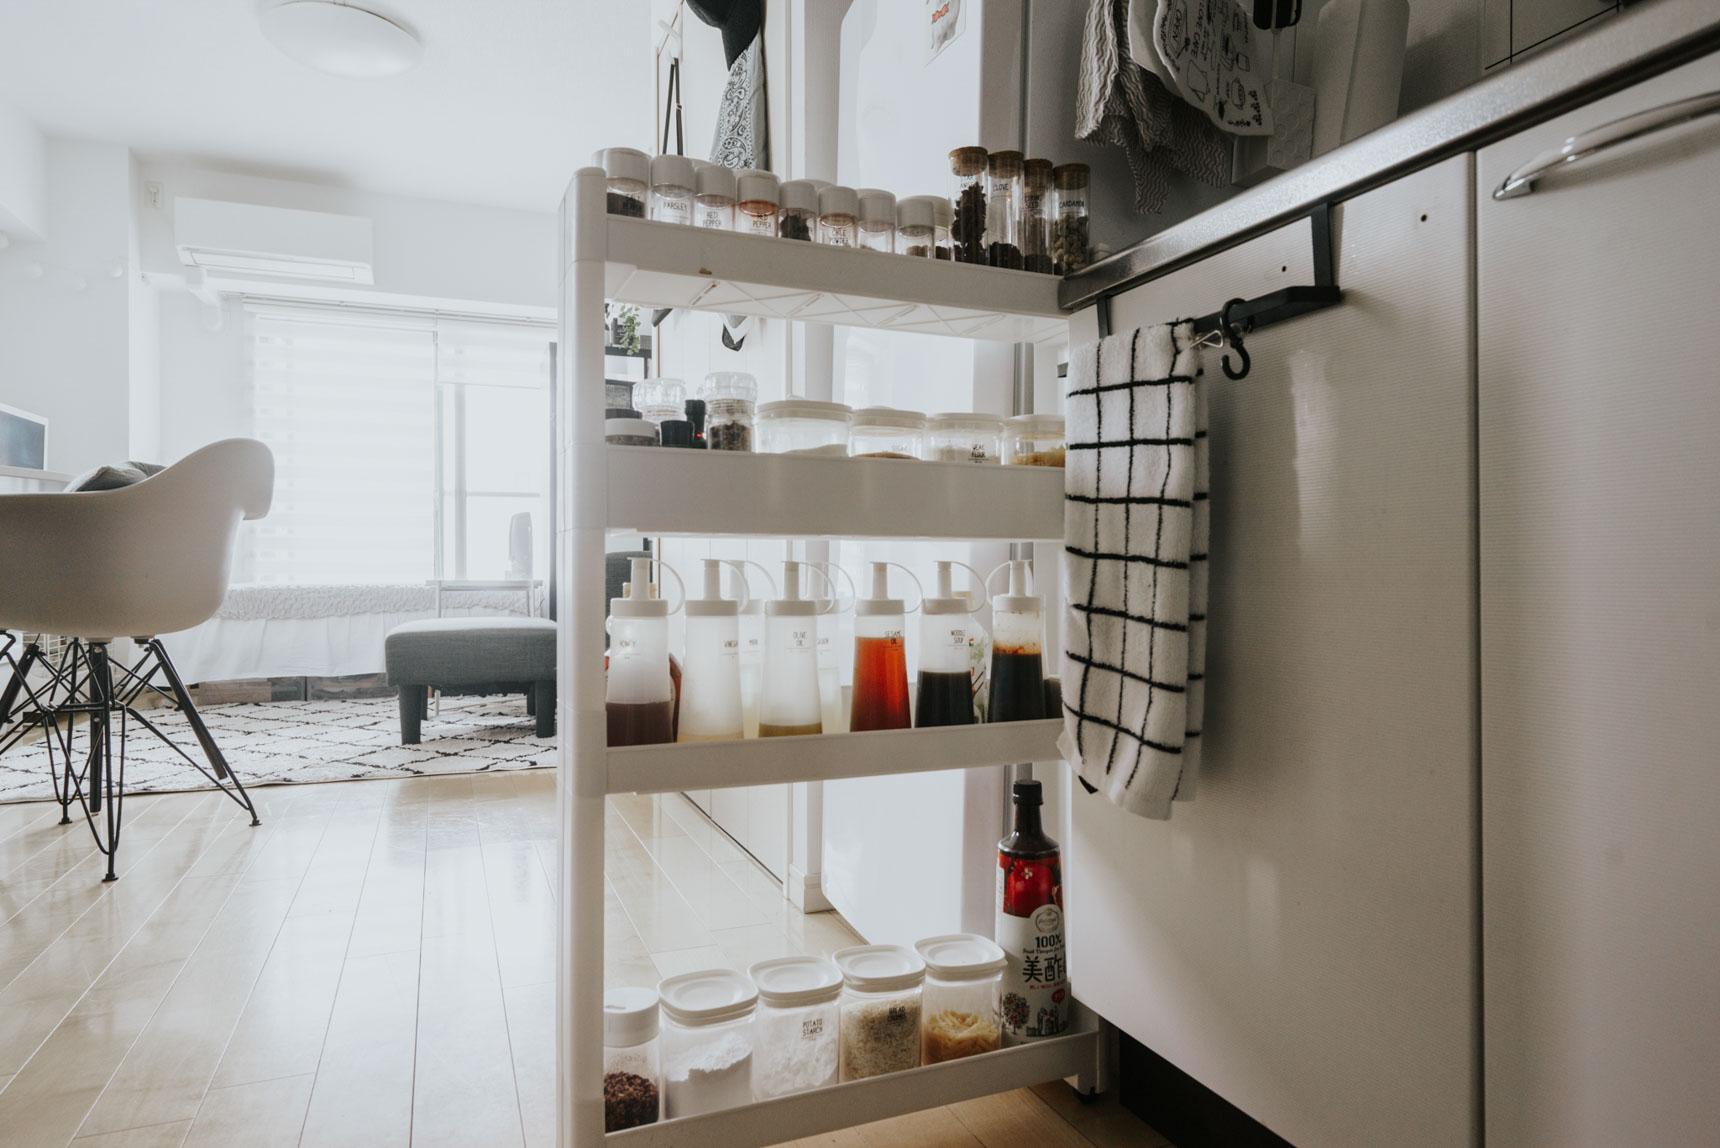 エスニック料理をつくることが多く、調味料類はたくさん。ニトリの隙間収納にしまわれていましたが、その容器も全て白に入れ替え。100円ショップなどで購入されているそう。